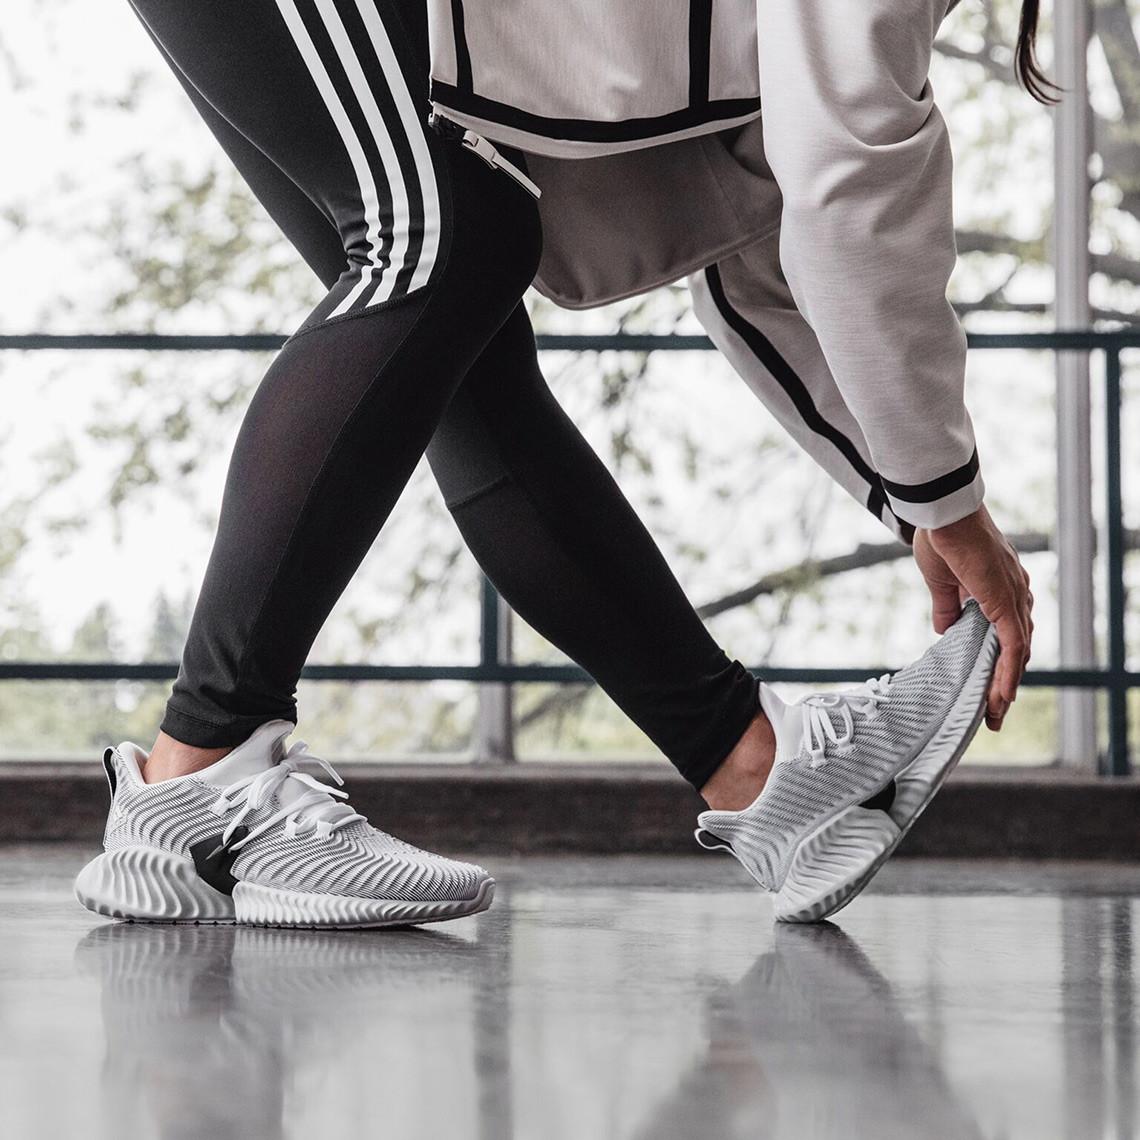 giày thể thao - ELLE Man1